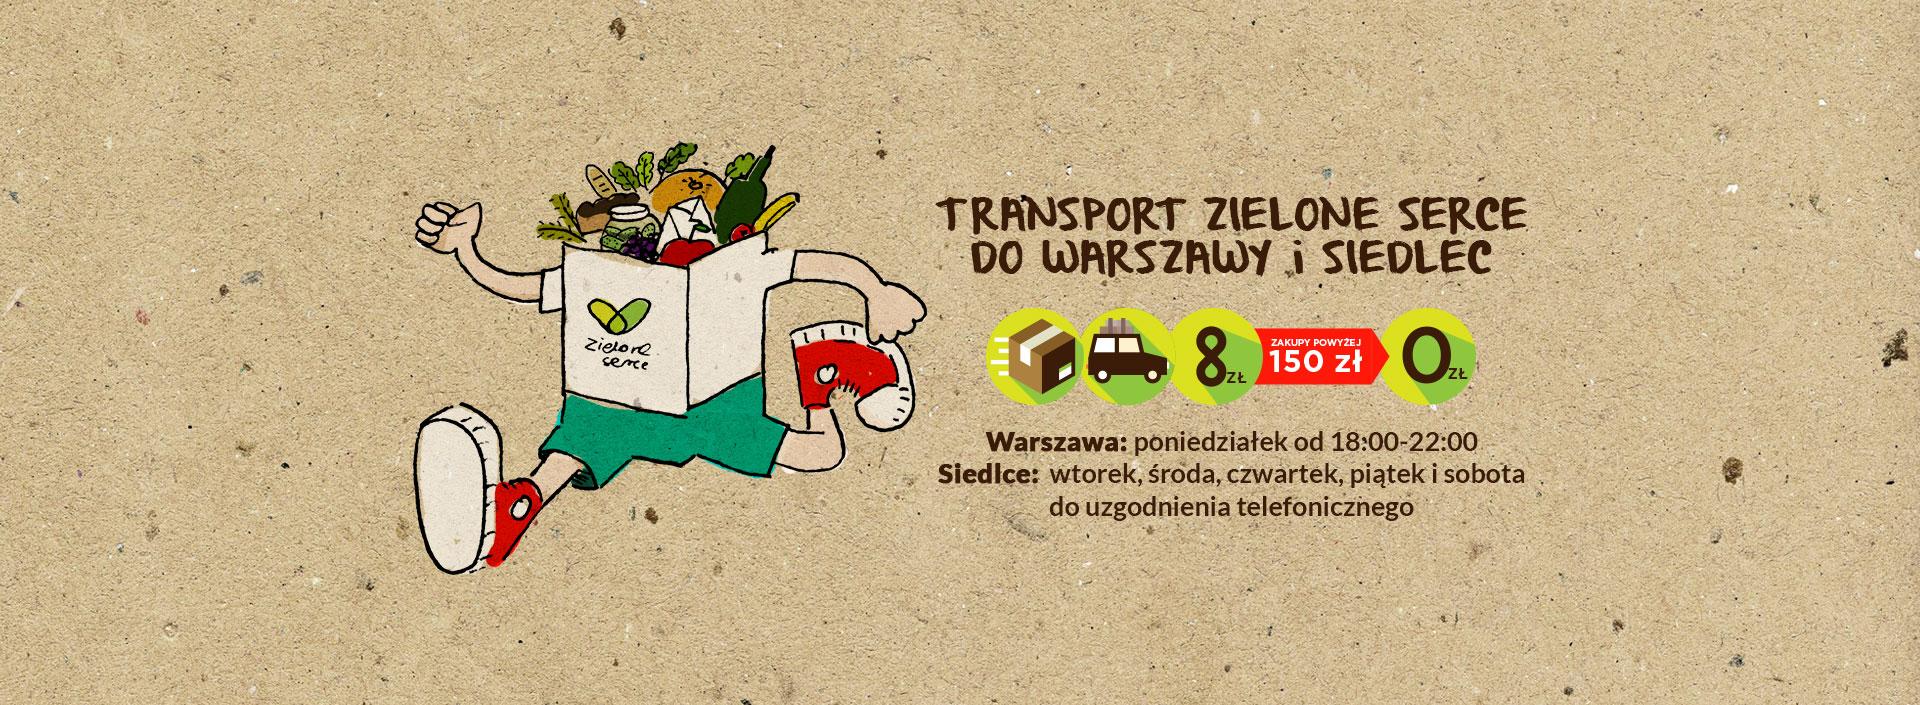 transport-do-warszaway-zielone-serce_poniedziałek